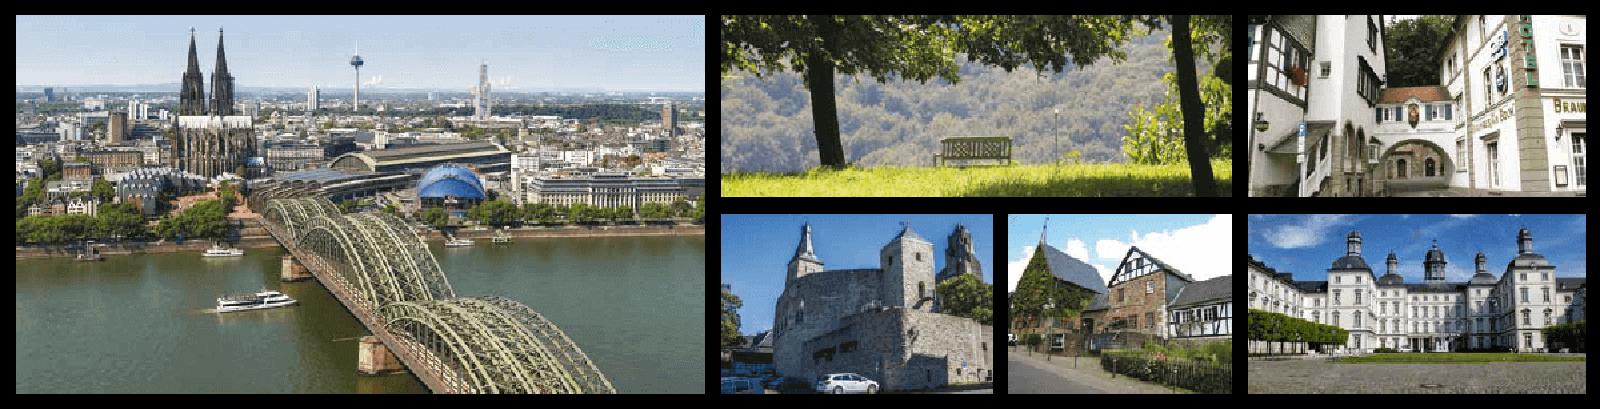 Städte und Natur um die Eigentumgswohnungen